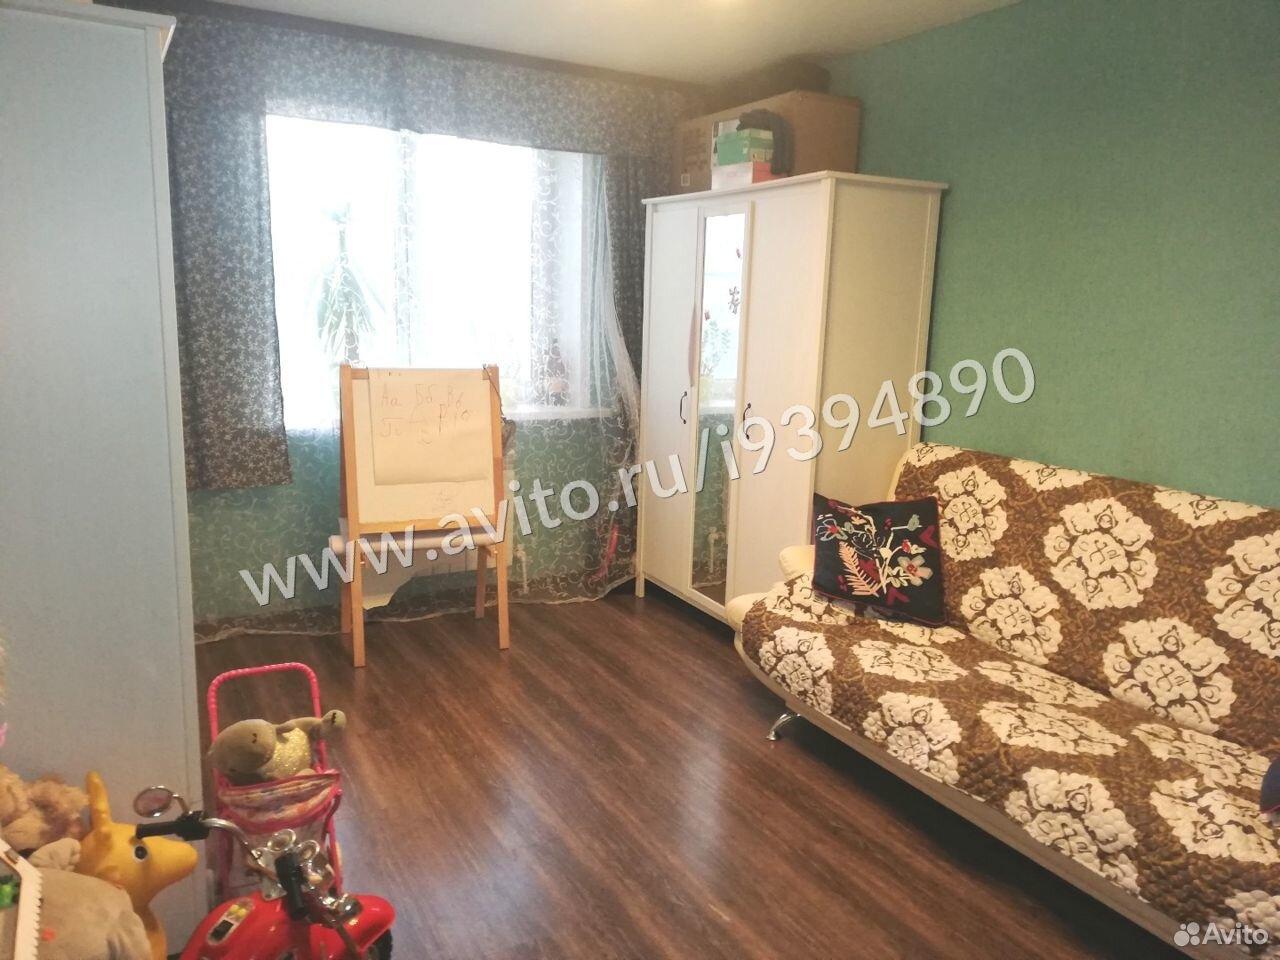 2-к квартира, 50.3 м², 1/3 эт.  89533303047 купить 4